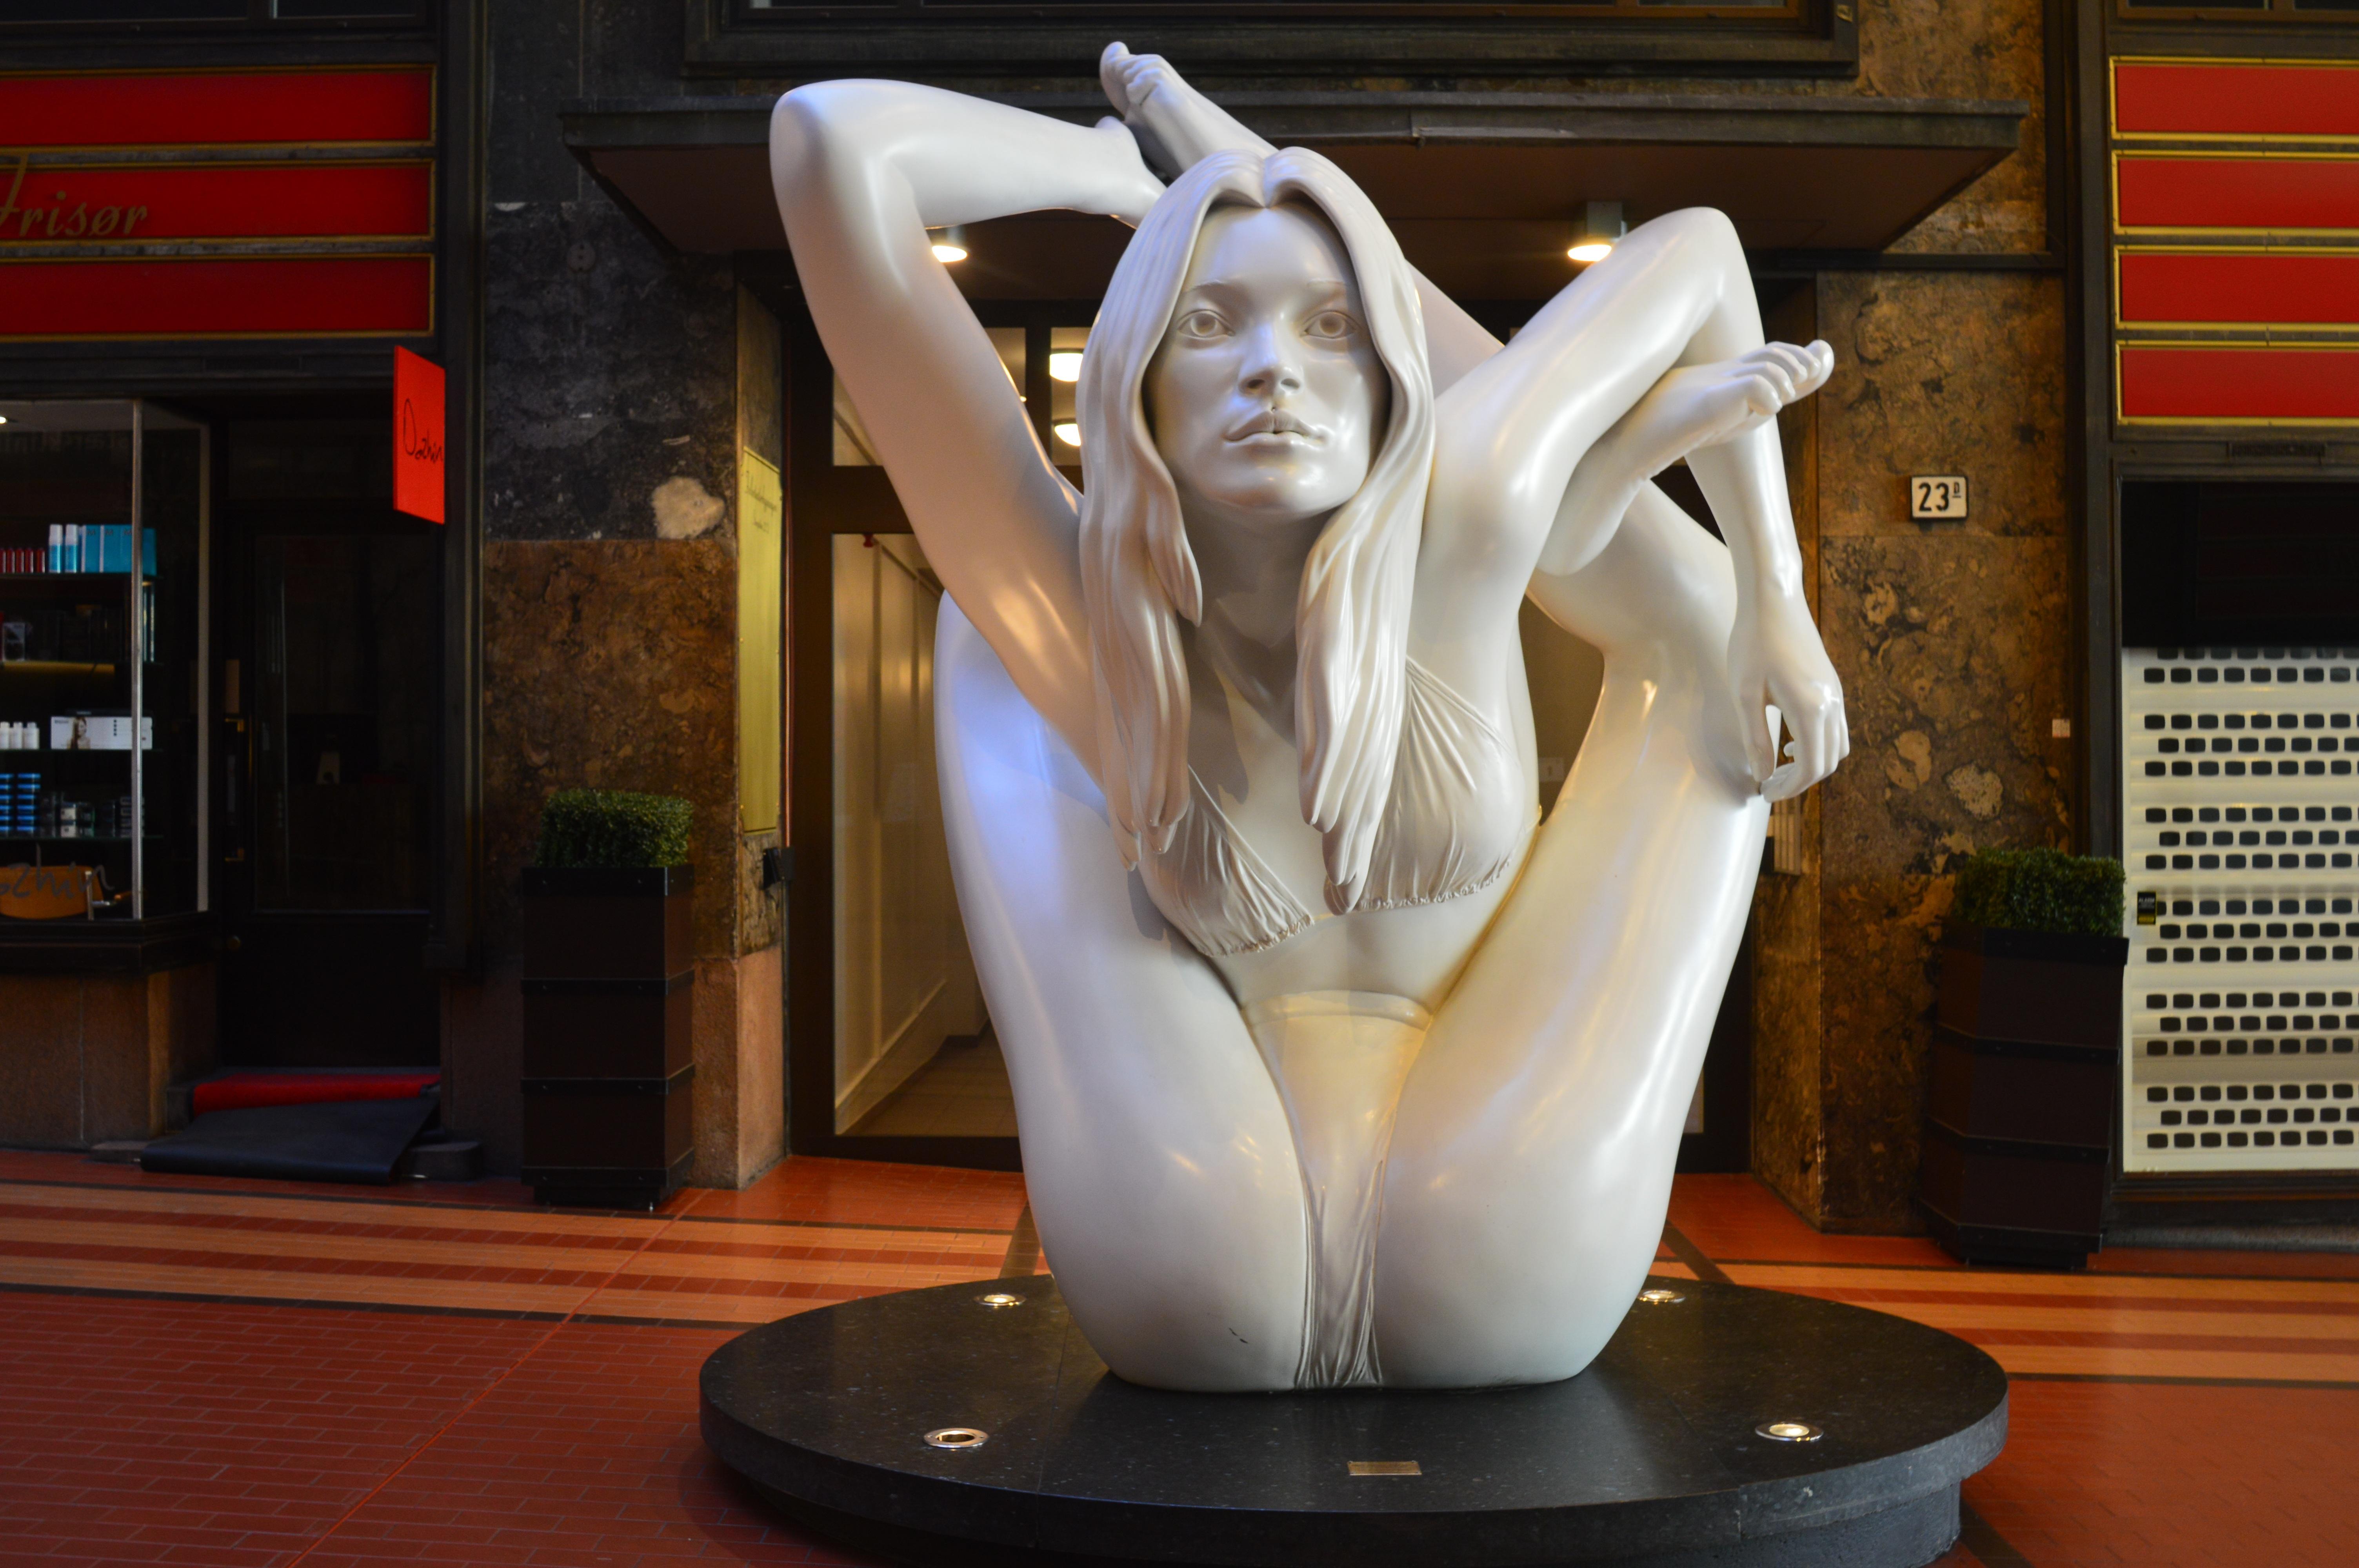 любовницы столах, искусство фото вагин предсказывать следующий шаг